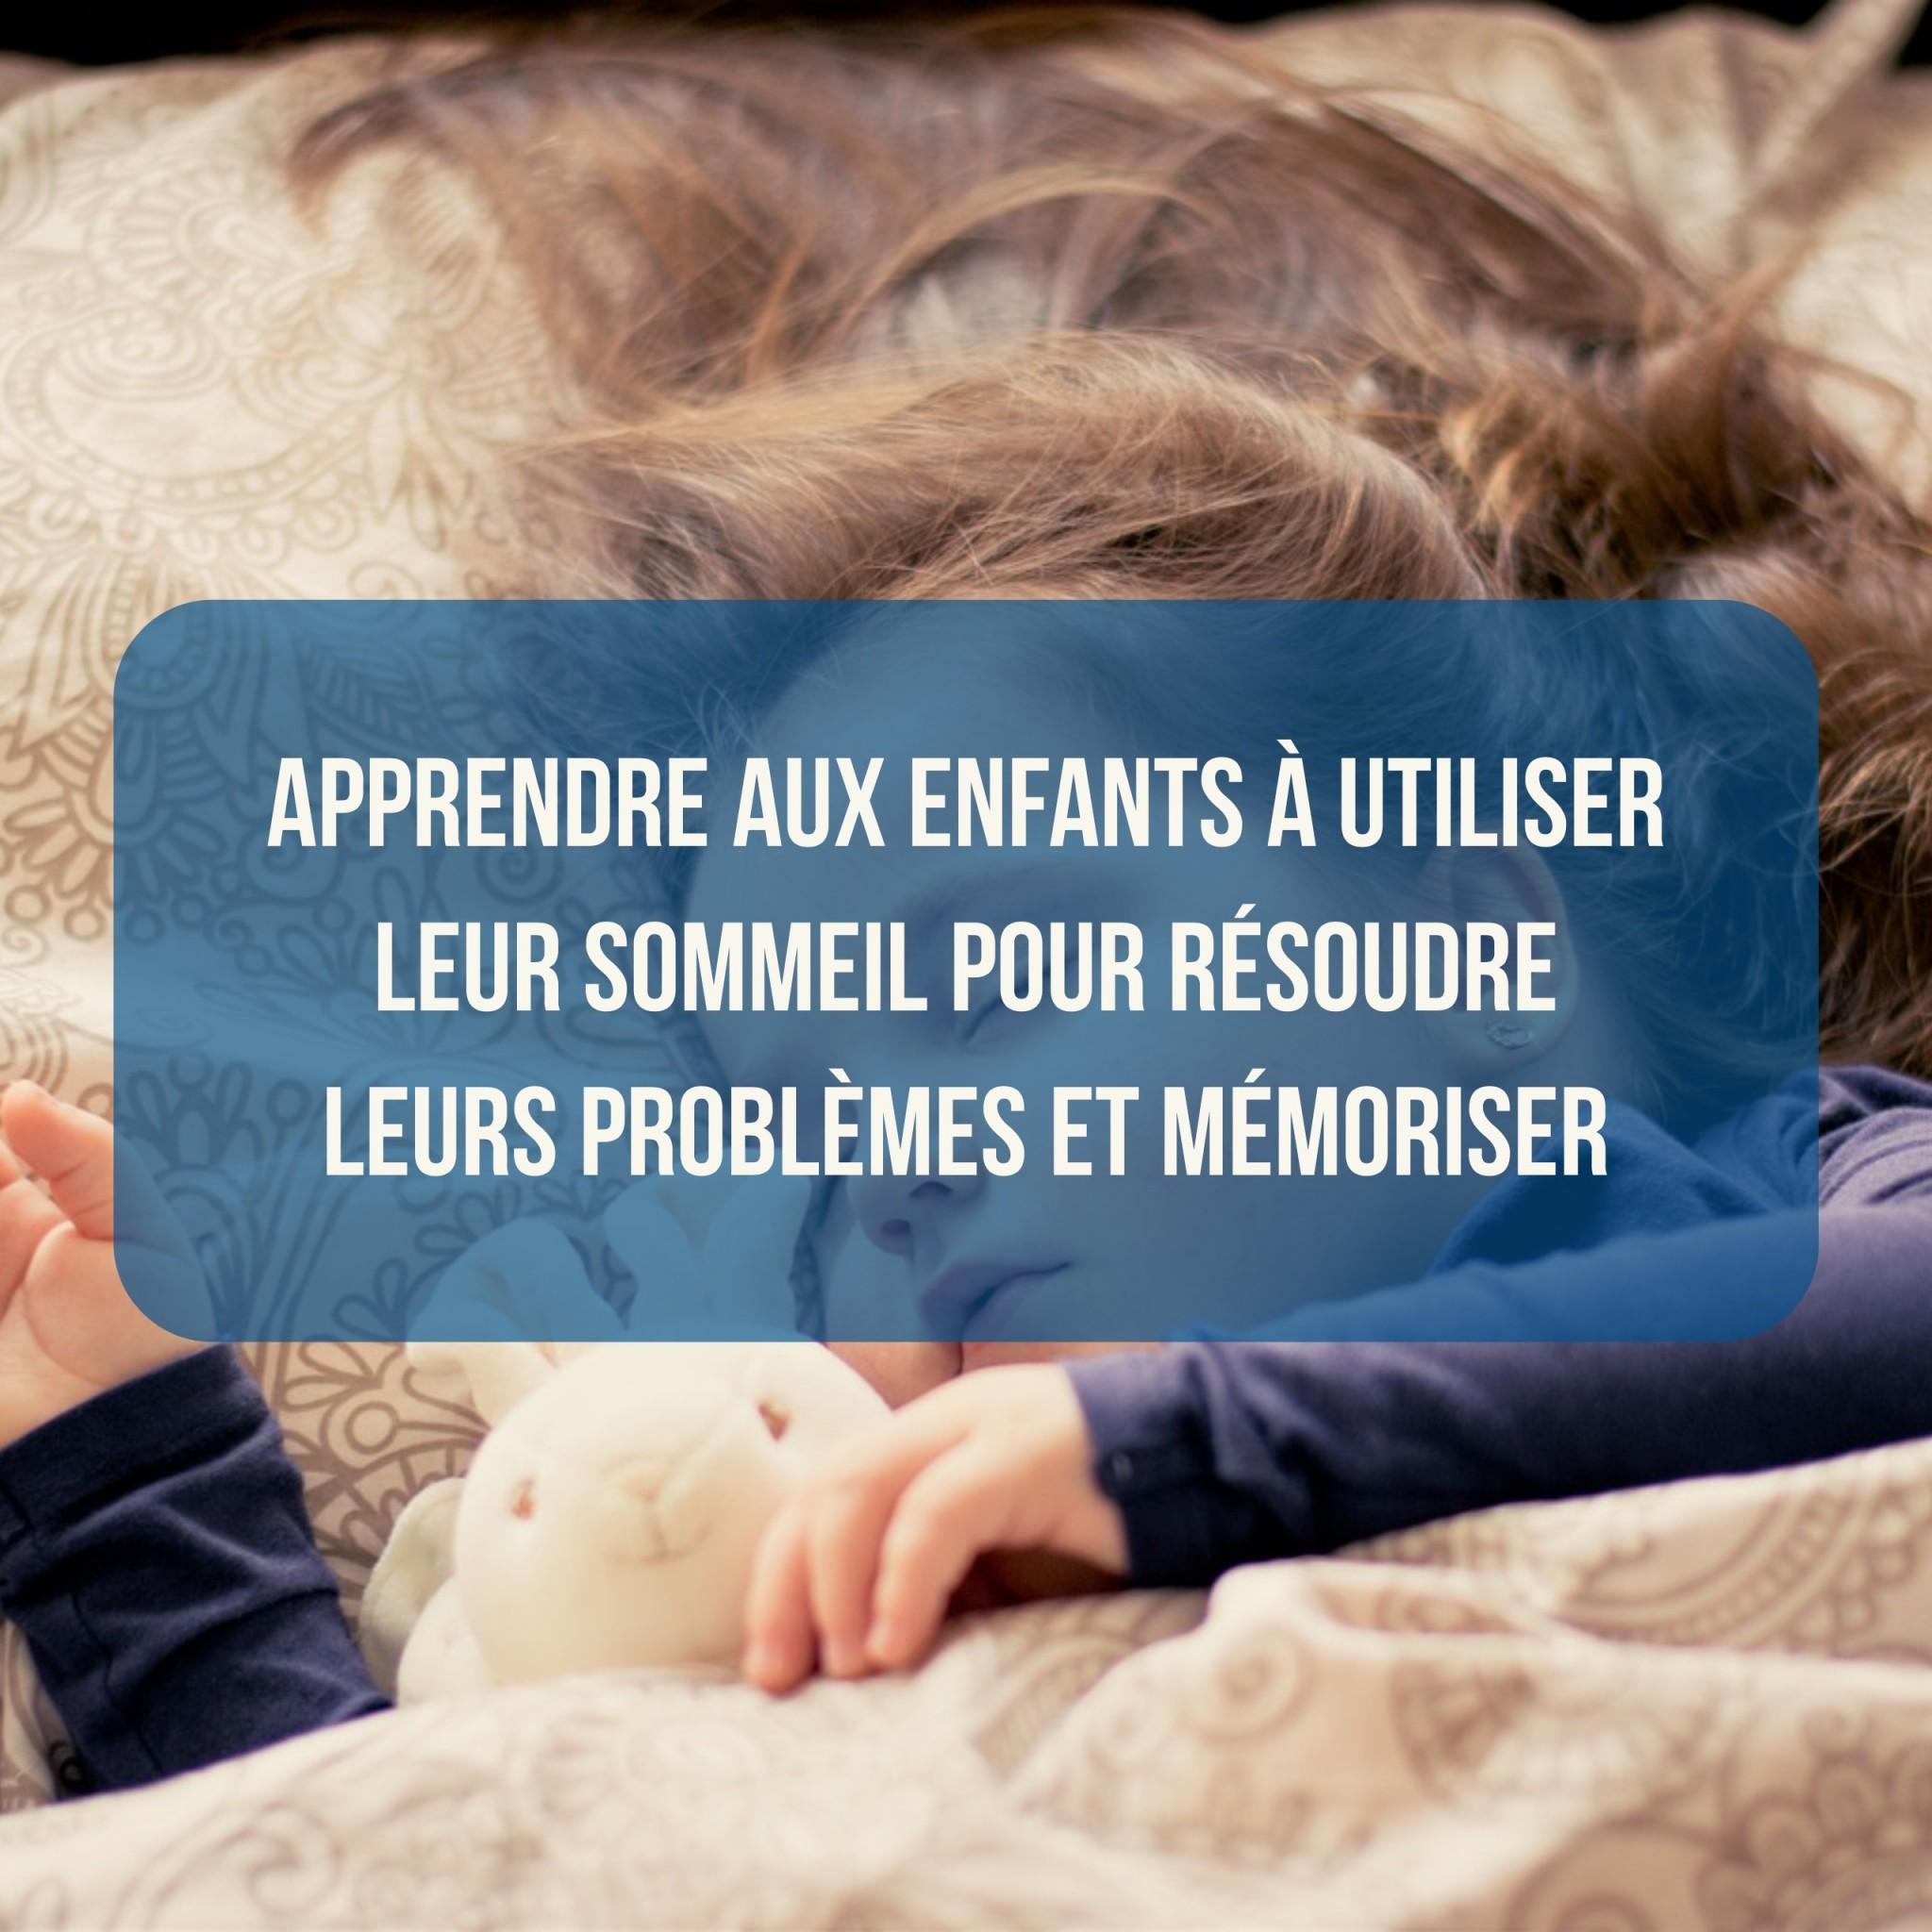 apprendre-aux-enfants-a-utiliser-leurs-reves-pour-resoudre-leurs-problemes-et-memoriser